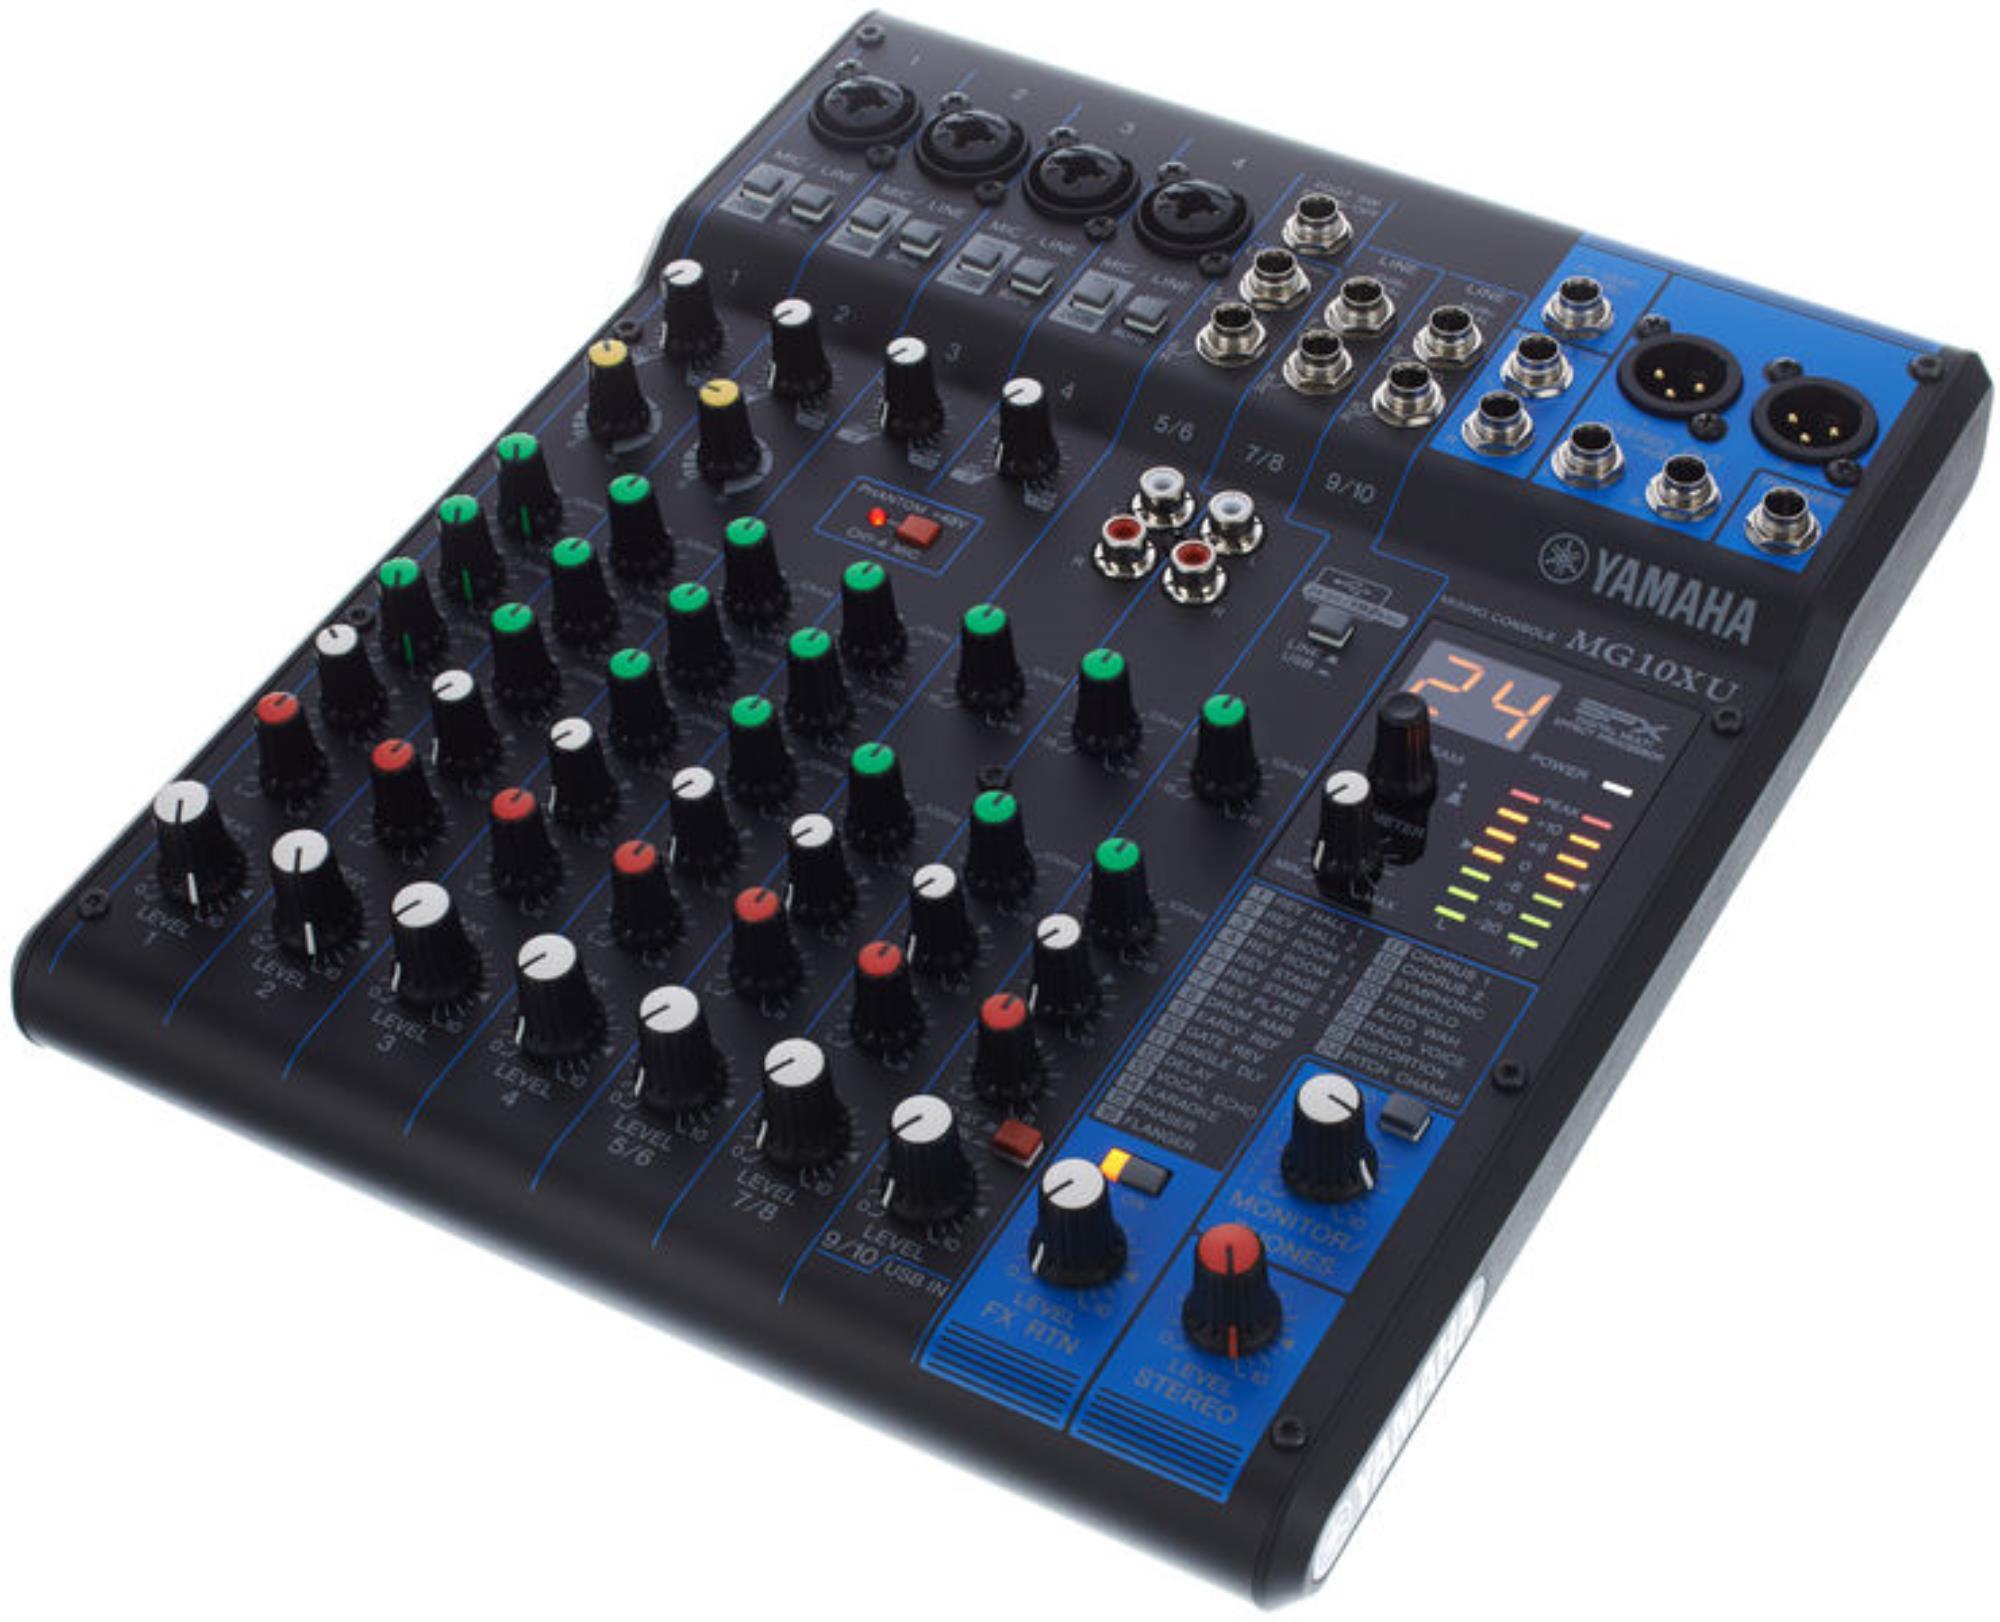 YAMAHA-MG10XU-MIXER-USB-sku-24740